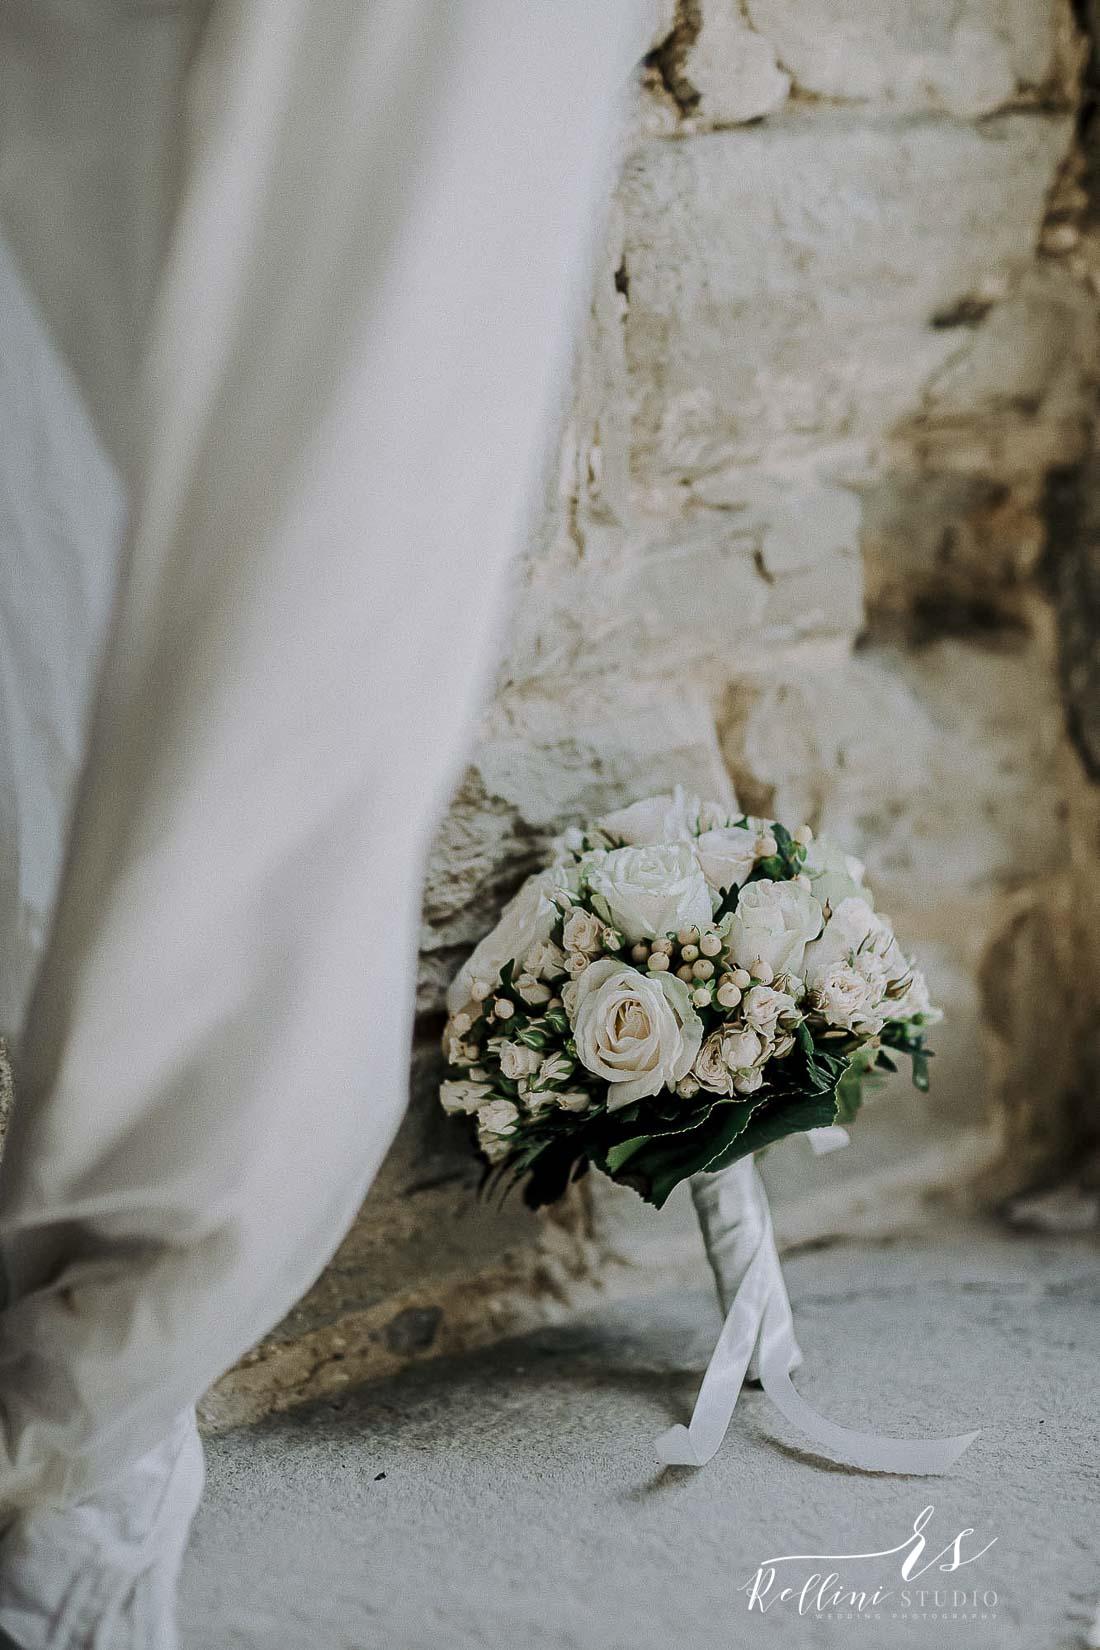 matrimonio Castello Rosciano 048.jpg